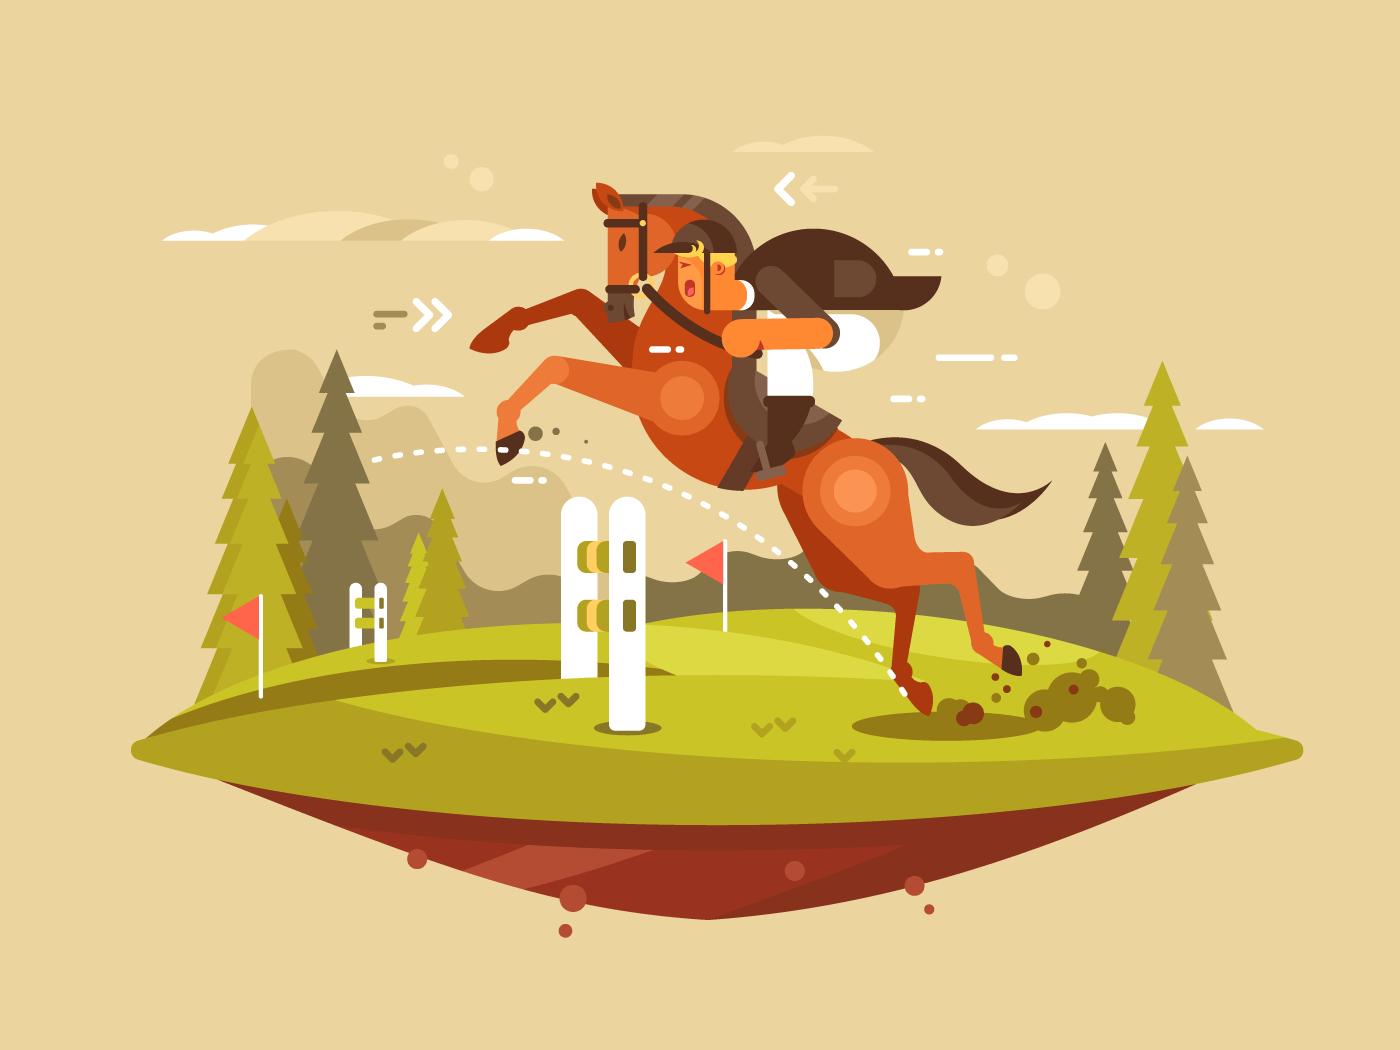 Horse and rider jumping hurdles flat vector illustration